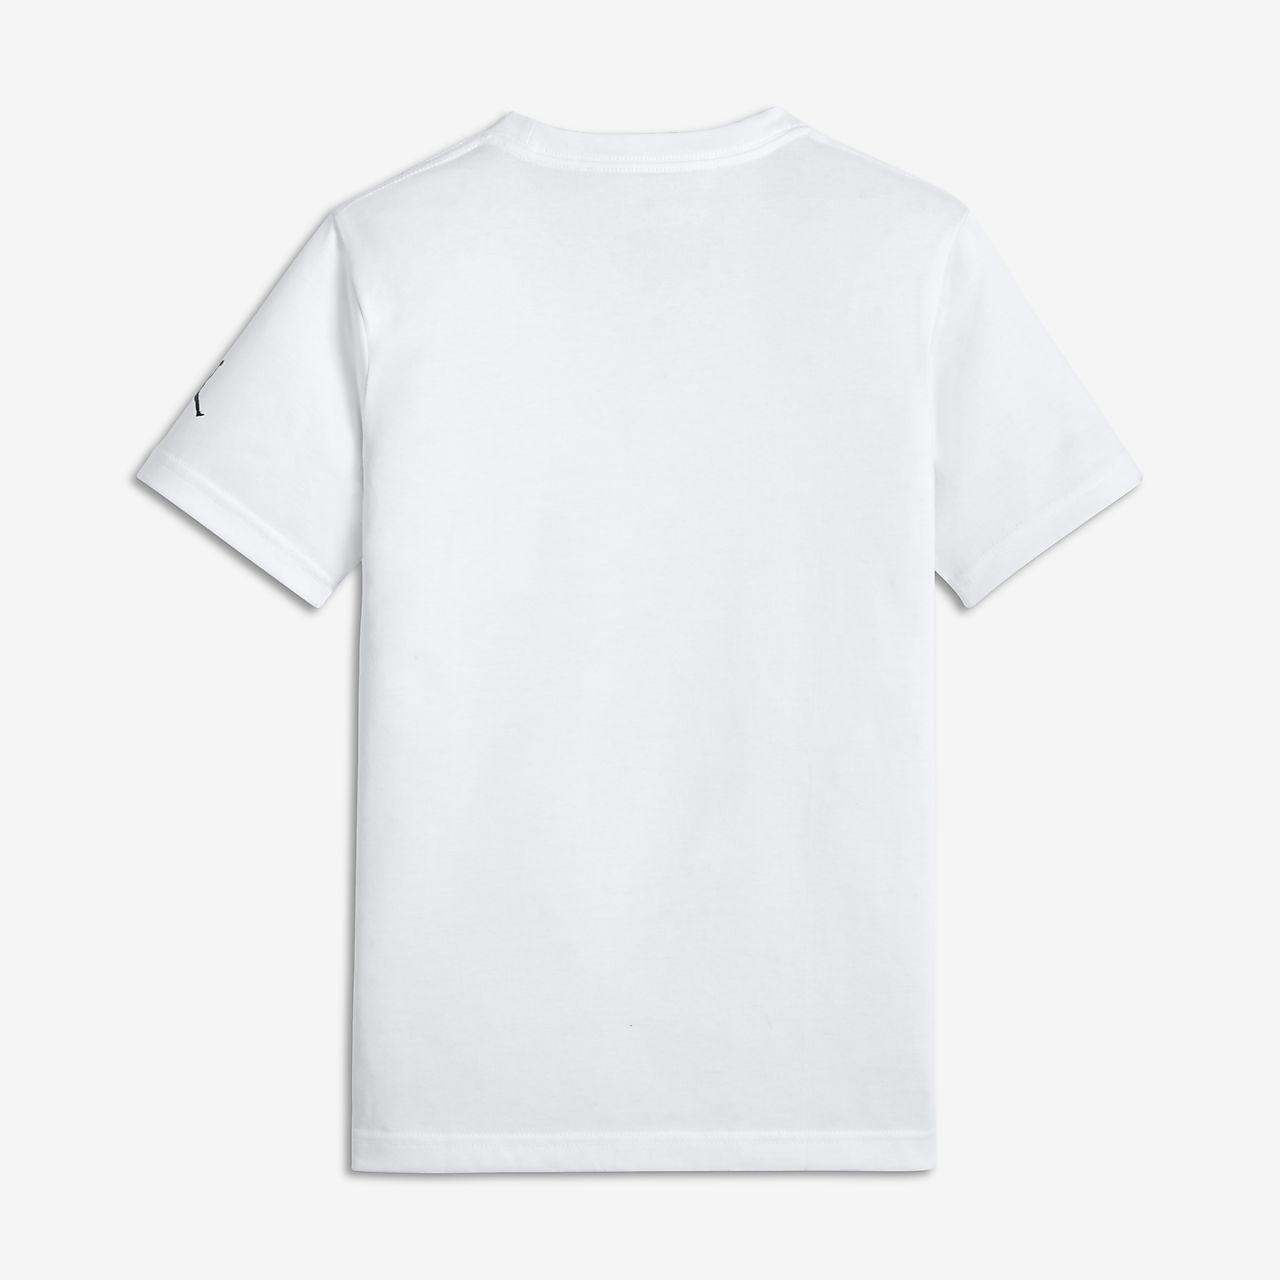 more photos 116c9 02685 ... Air Jordan T-Shirt für jüngere Kinder (Jungen). Stylingtipps von anderen